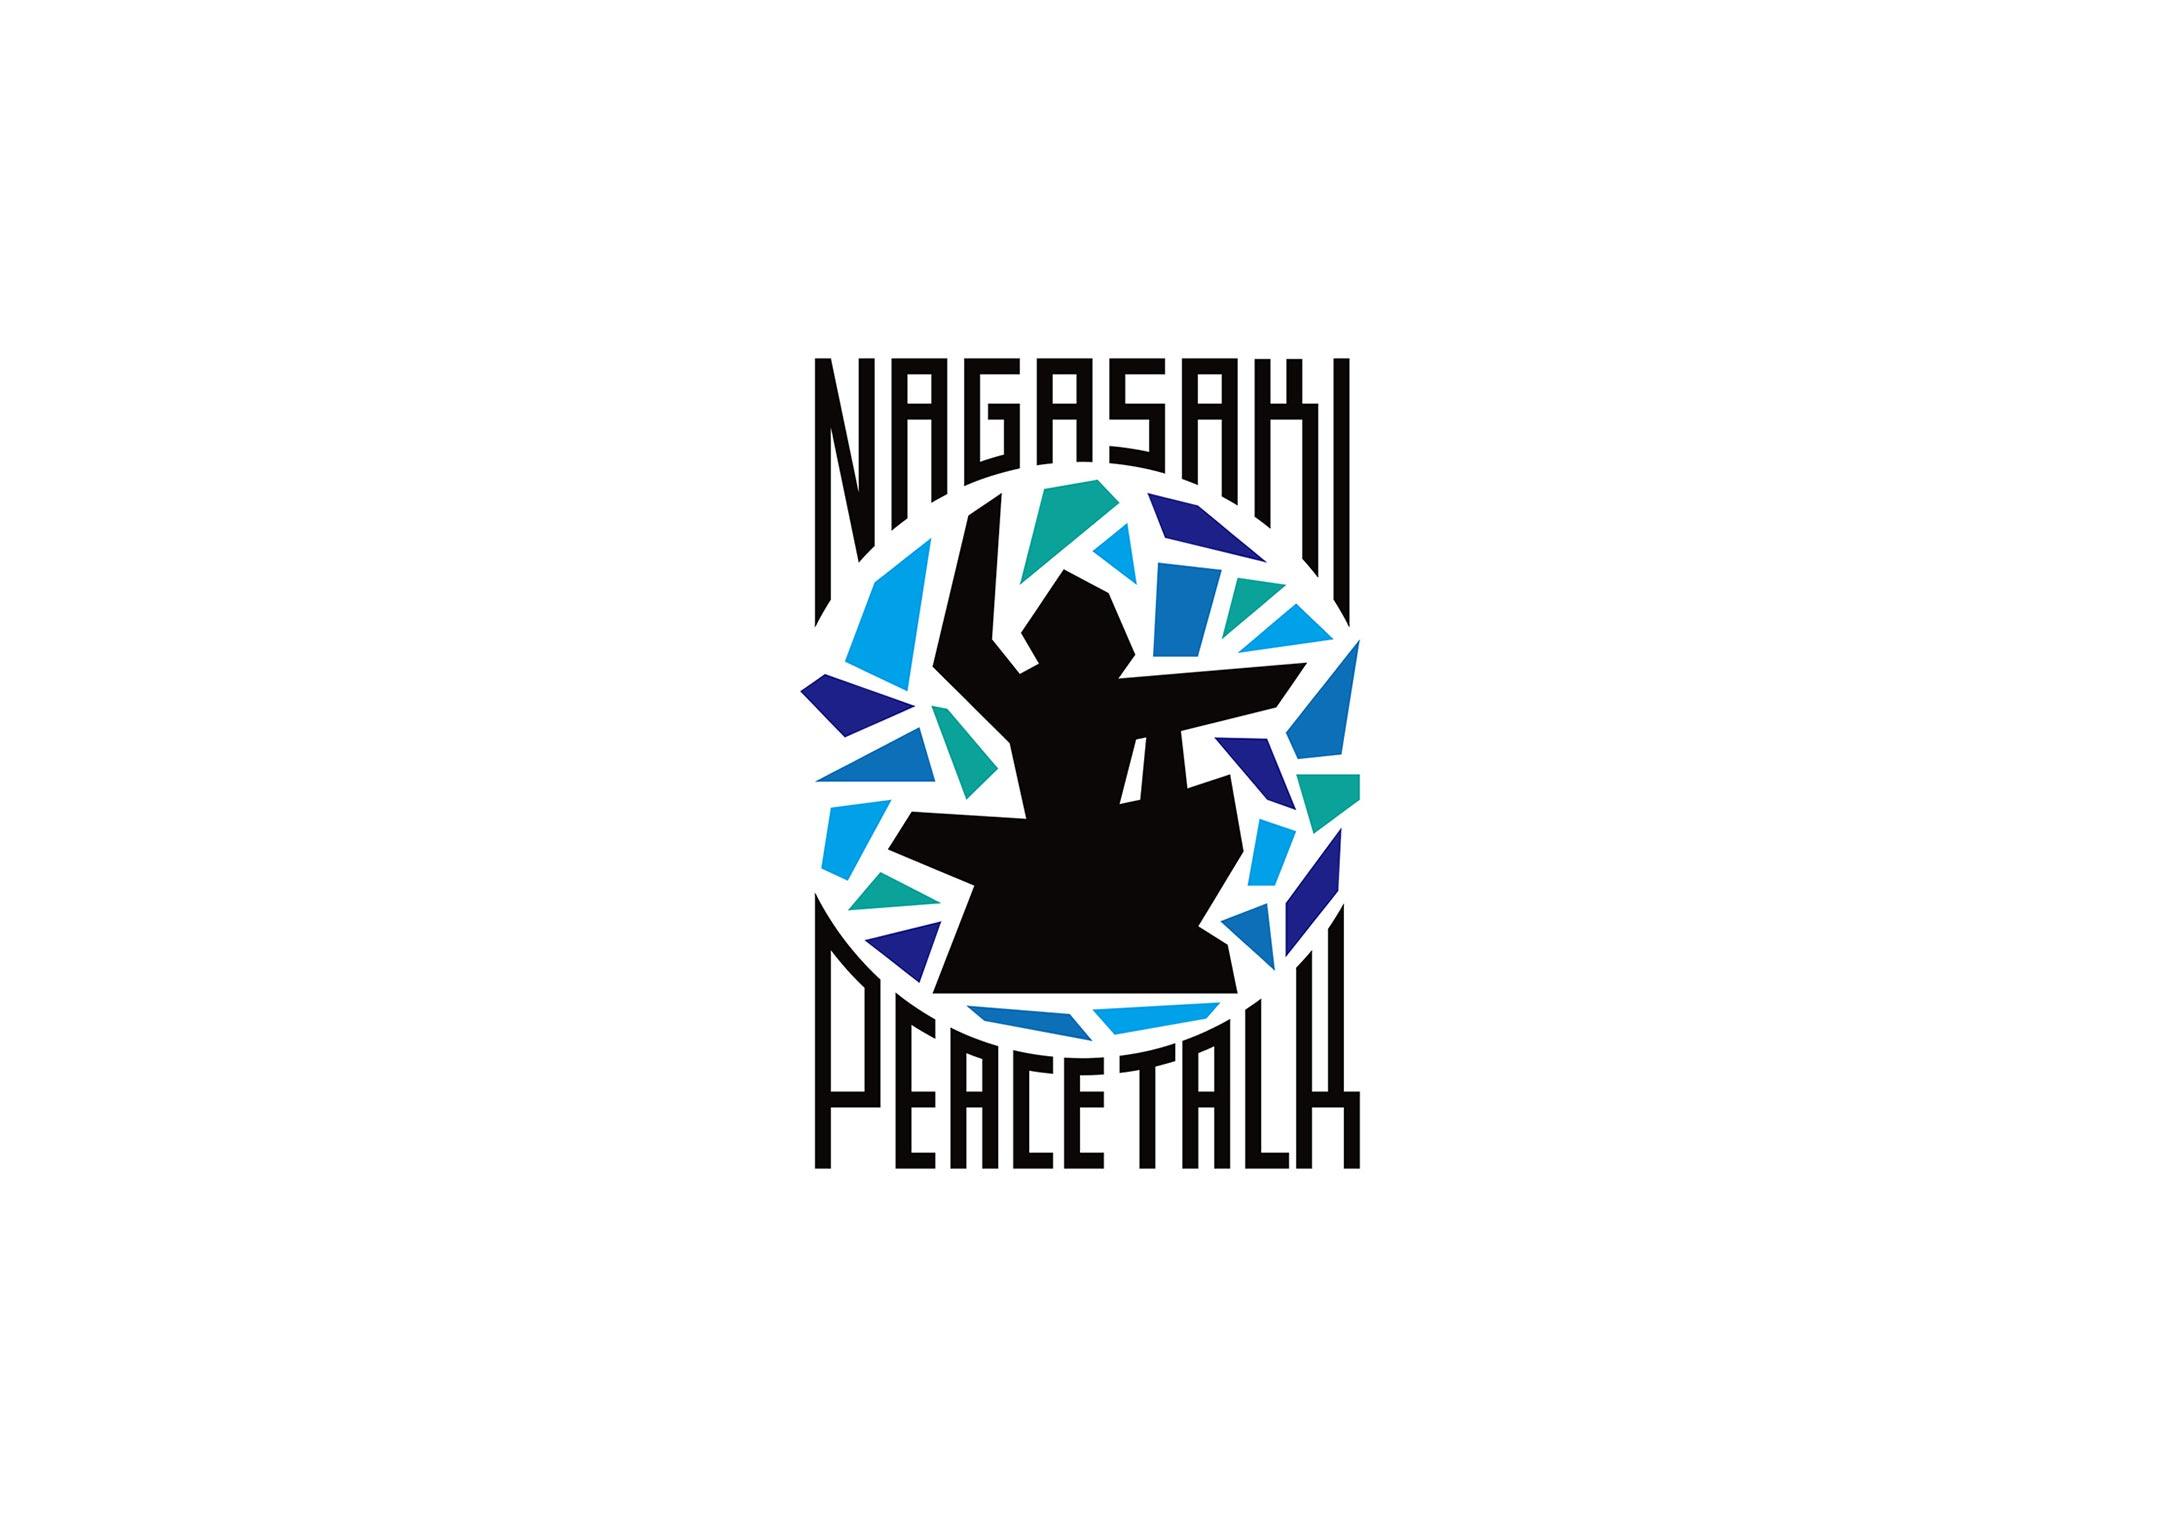 nagasaki peace talk